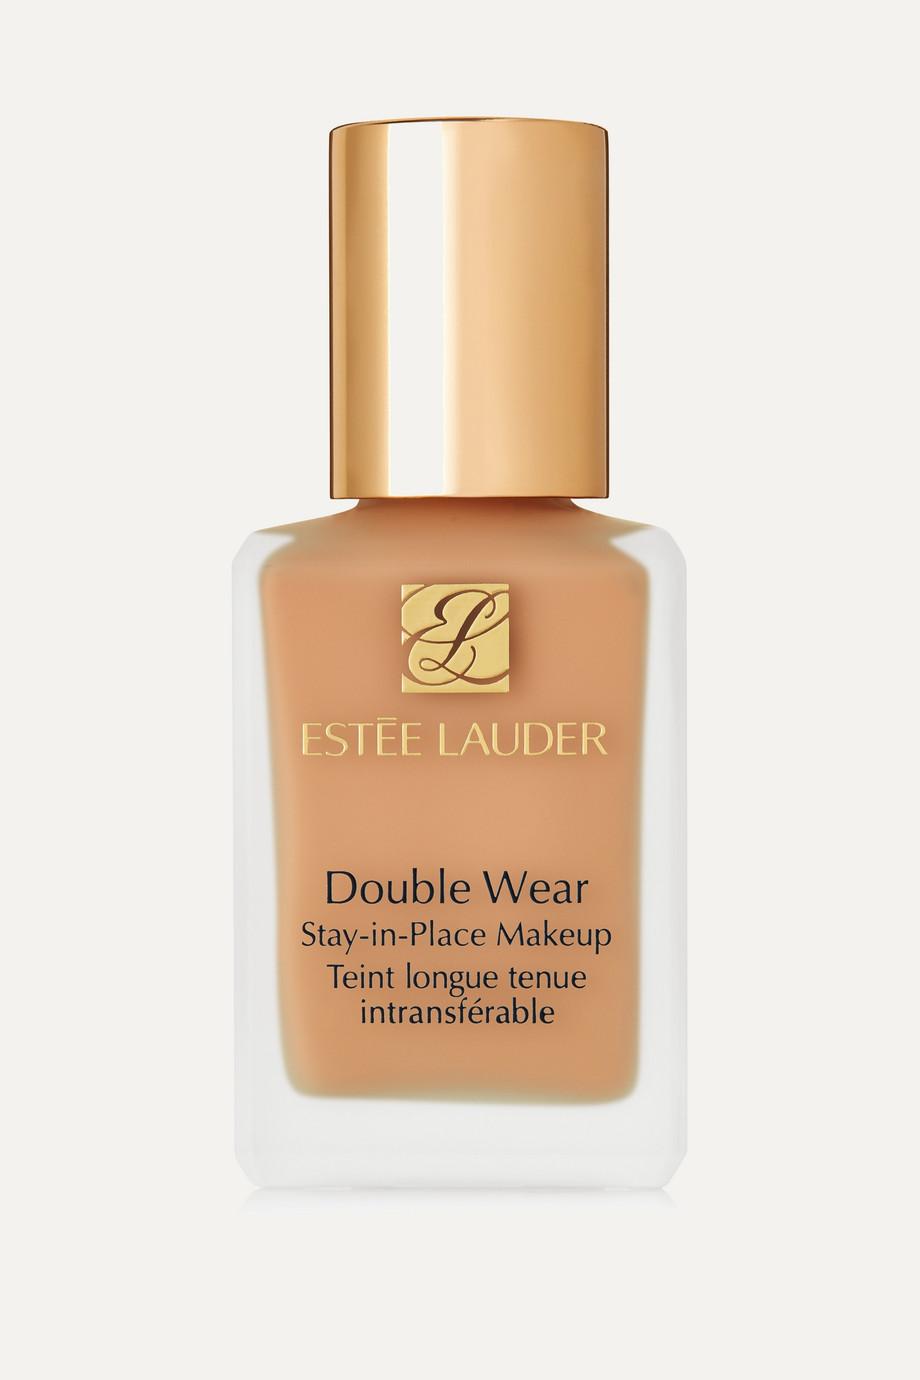 Estée Lauder Double Wear Stay-in-Place Makeup – Desert Beige 2N1 – Foundation